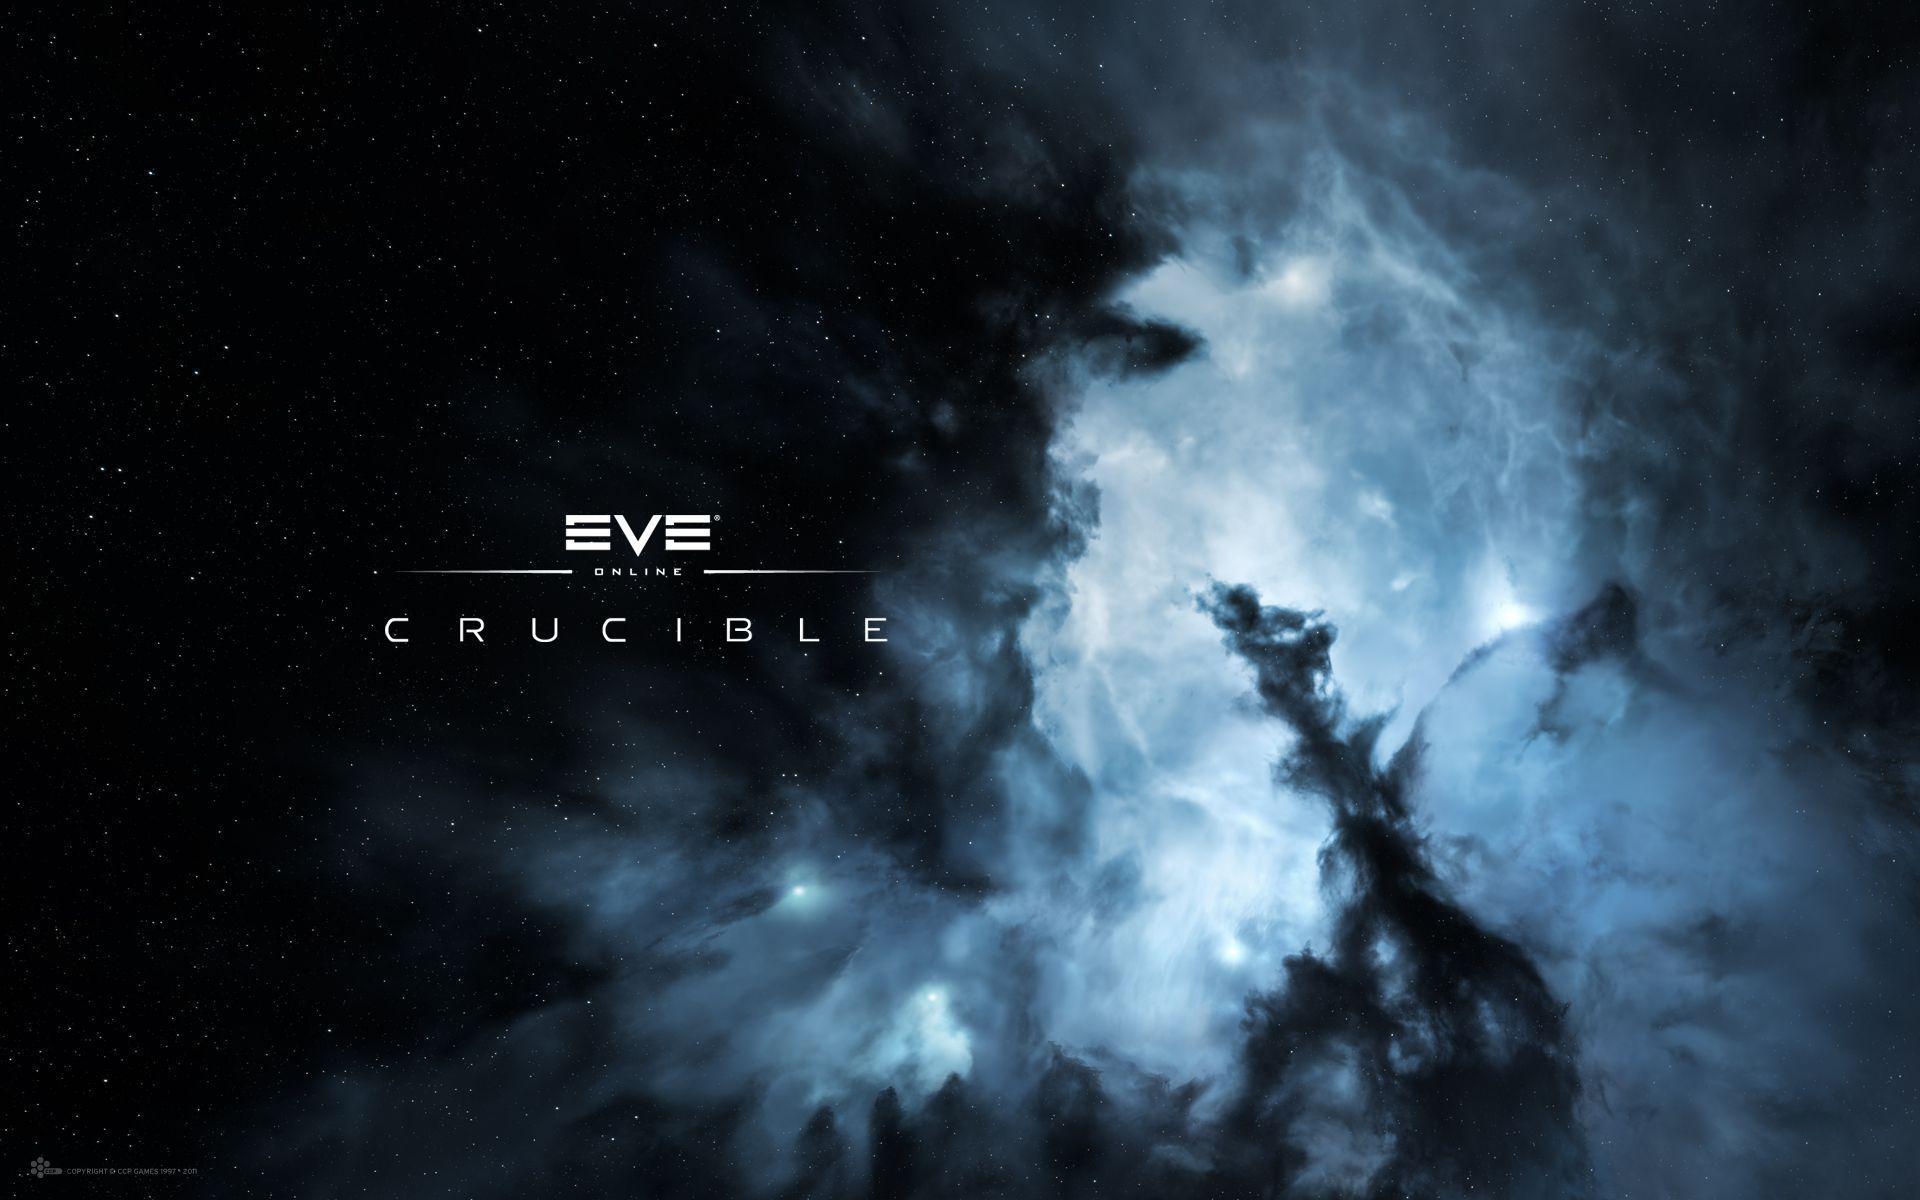 EVE Online Wallpaper 1920x1200